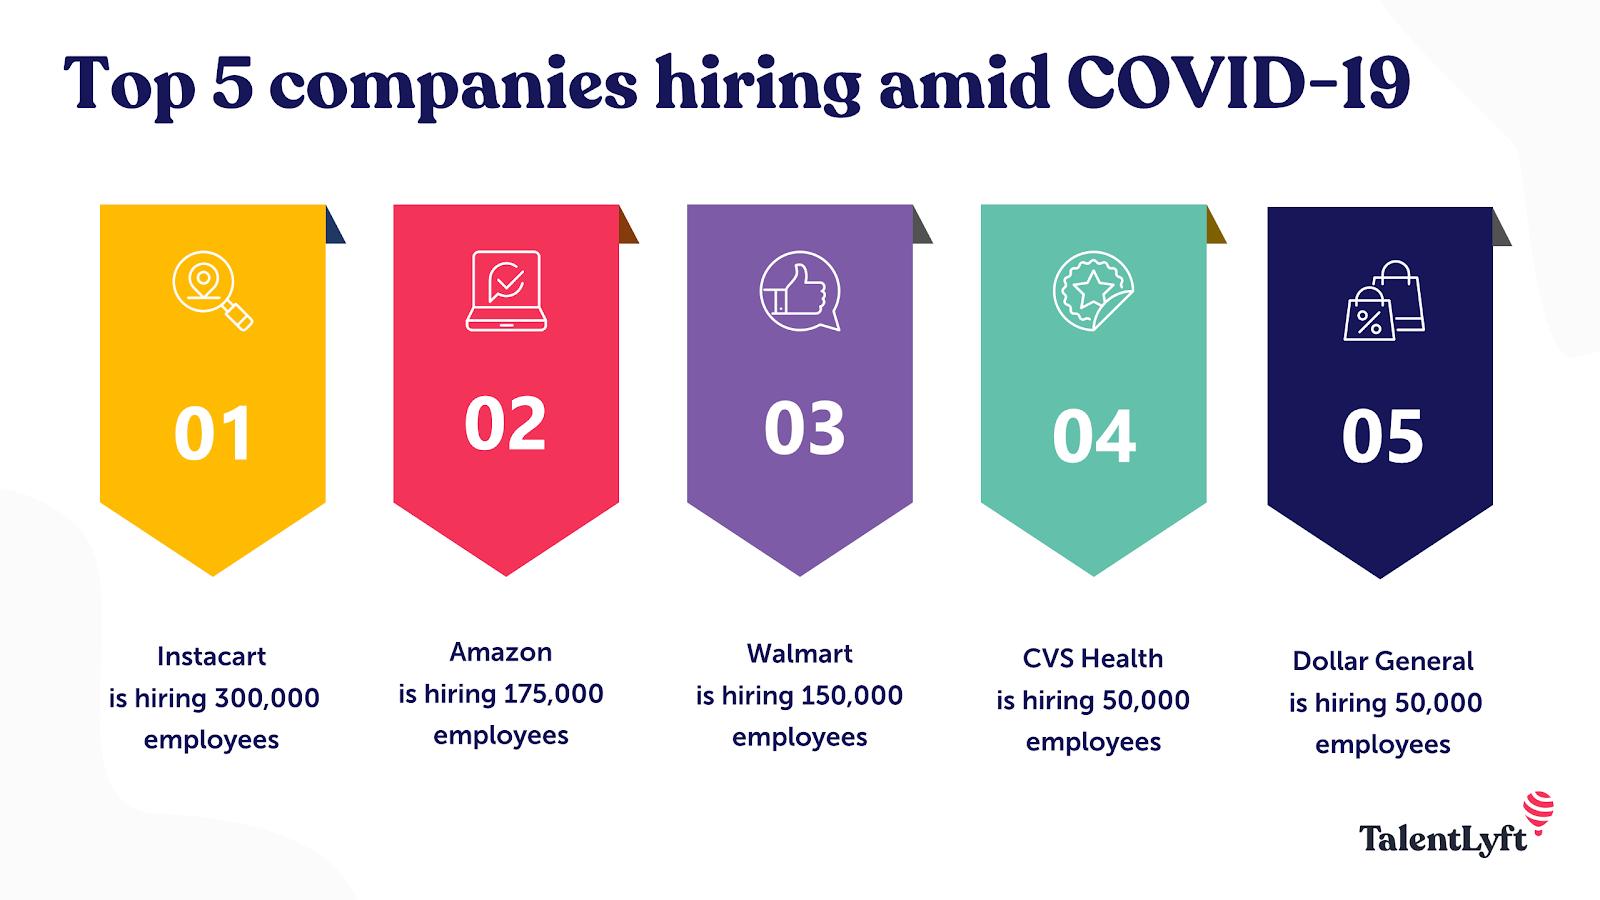 Companies hiring amidst COVID-19